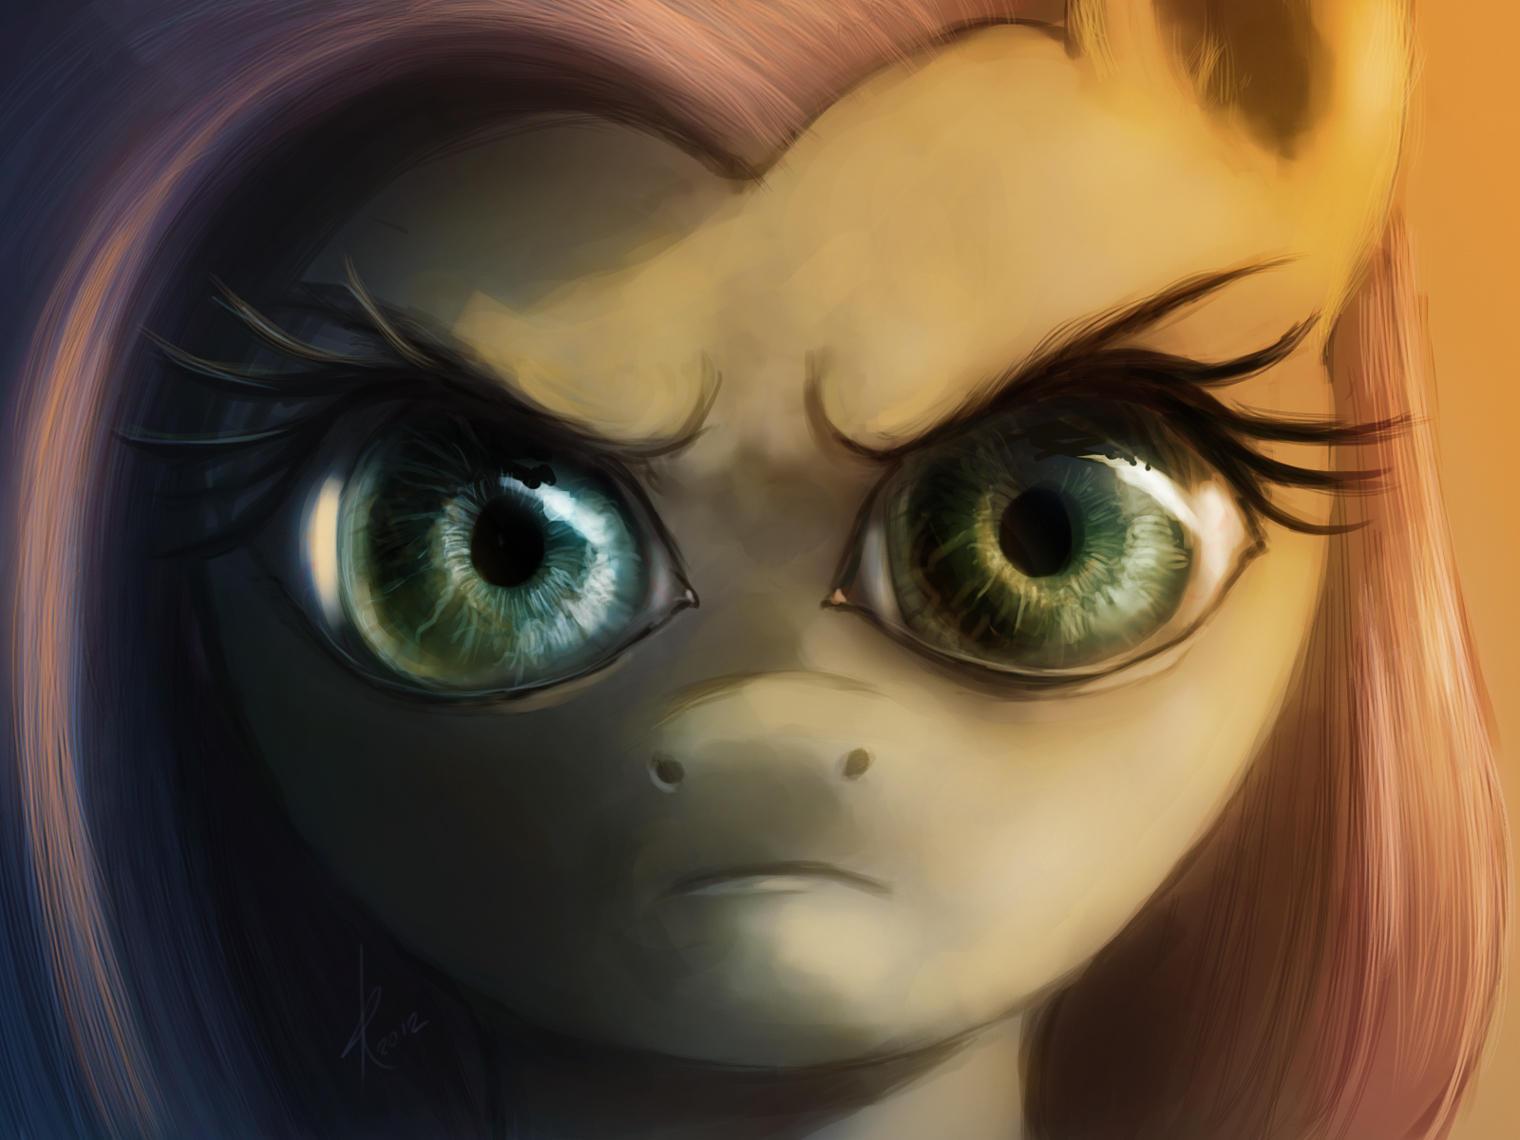 картинки грустных глаз пони полуподвальный тип помещения